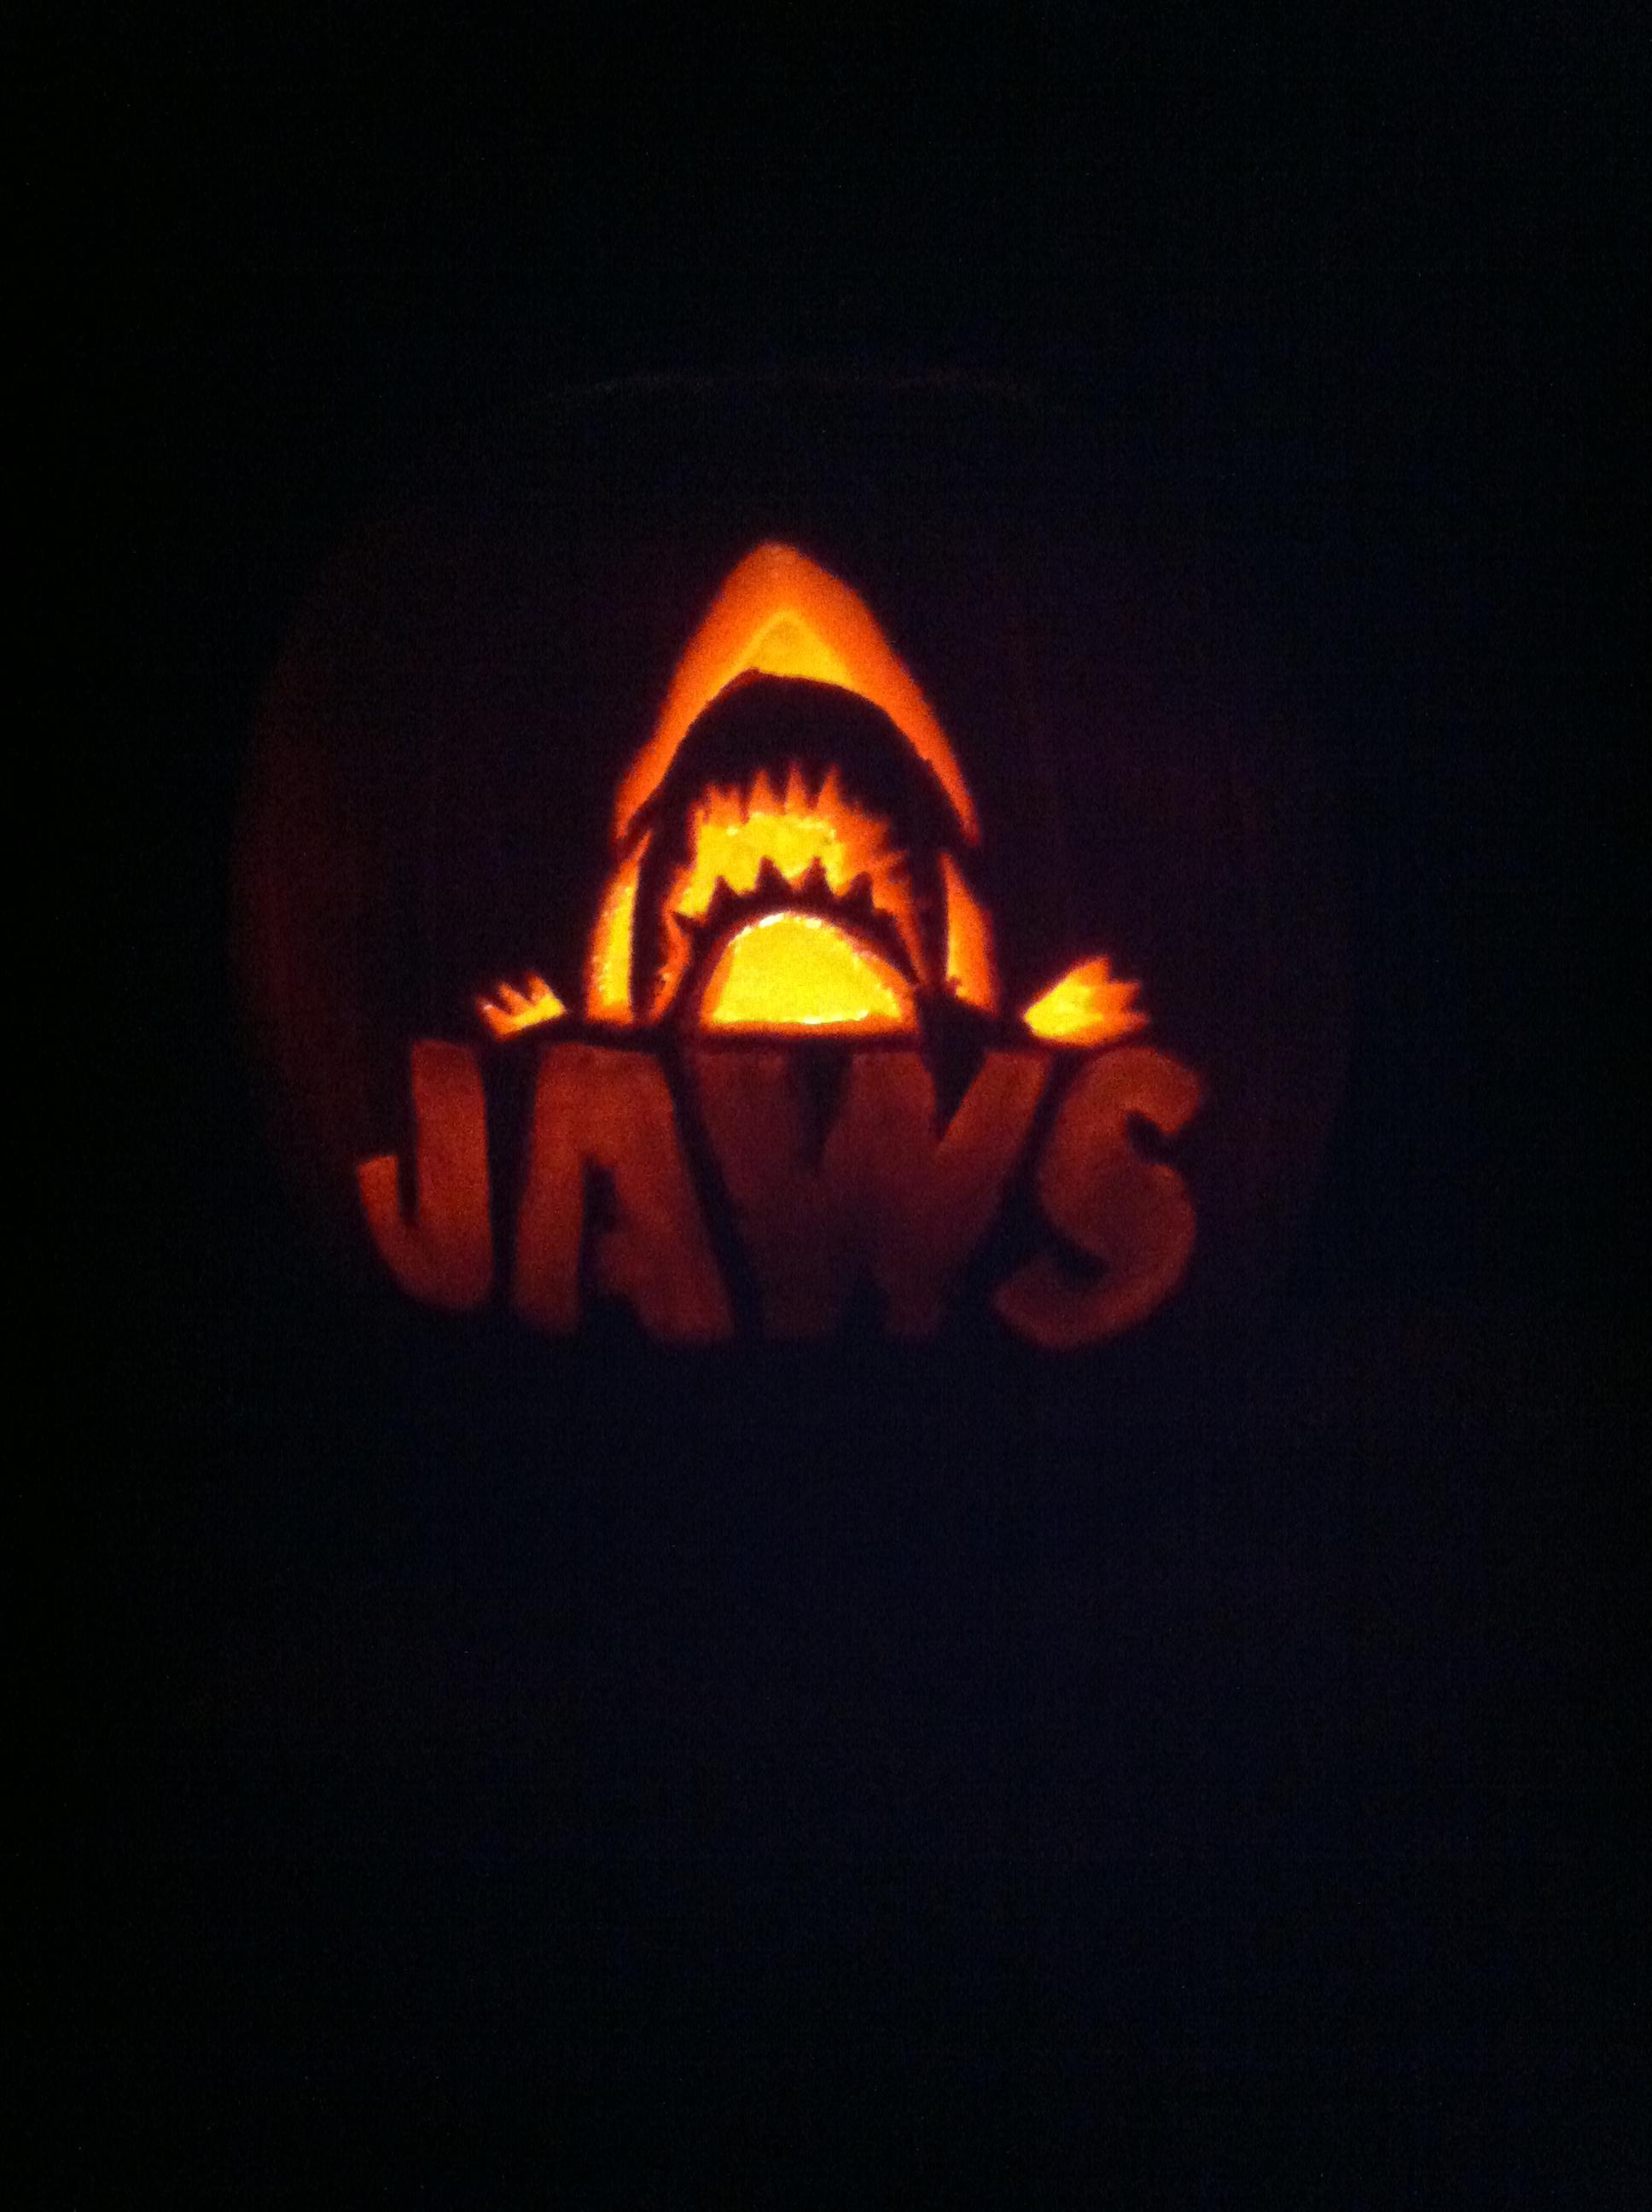 Jaws dark by s bball on deviantart